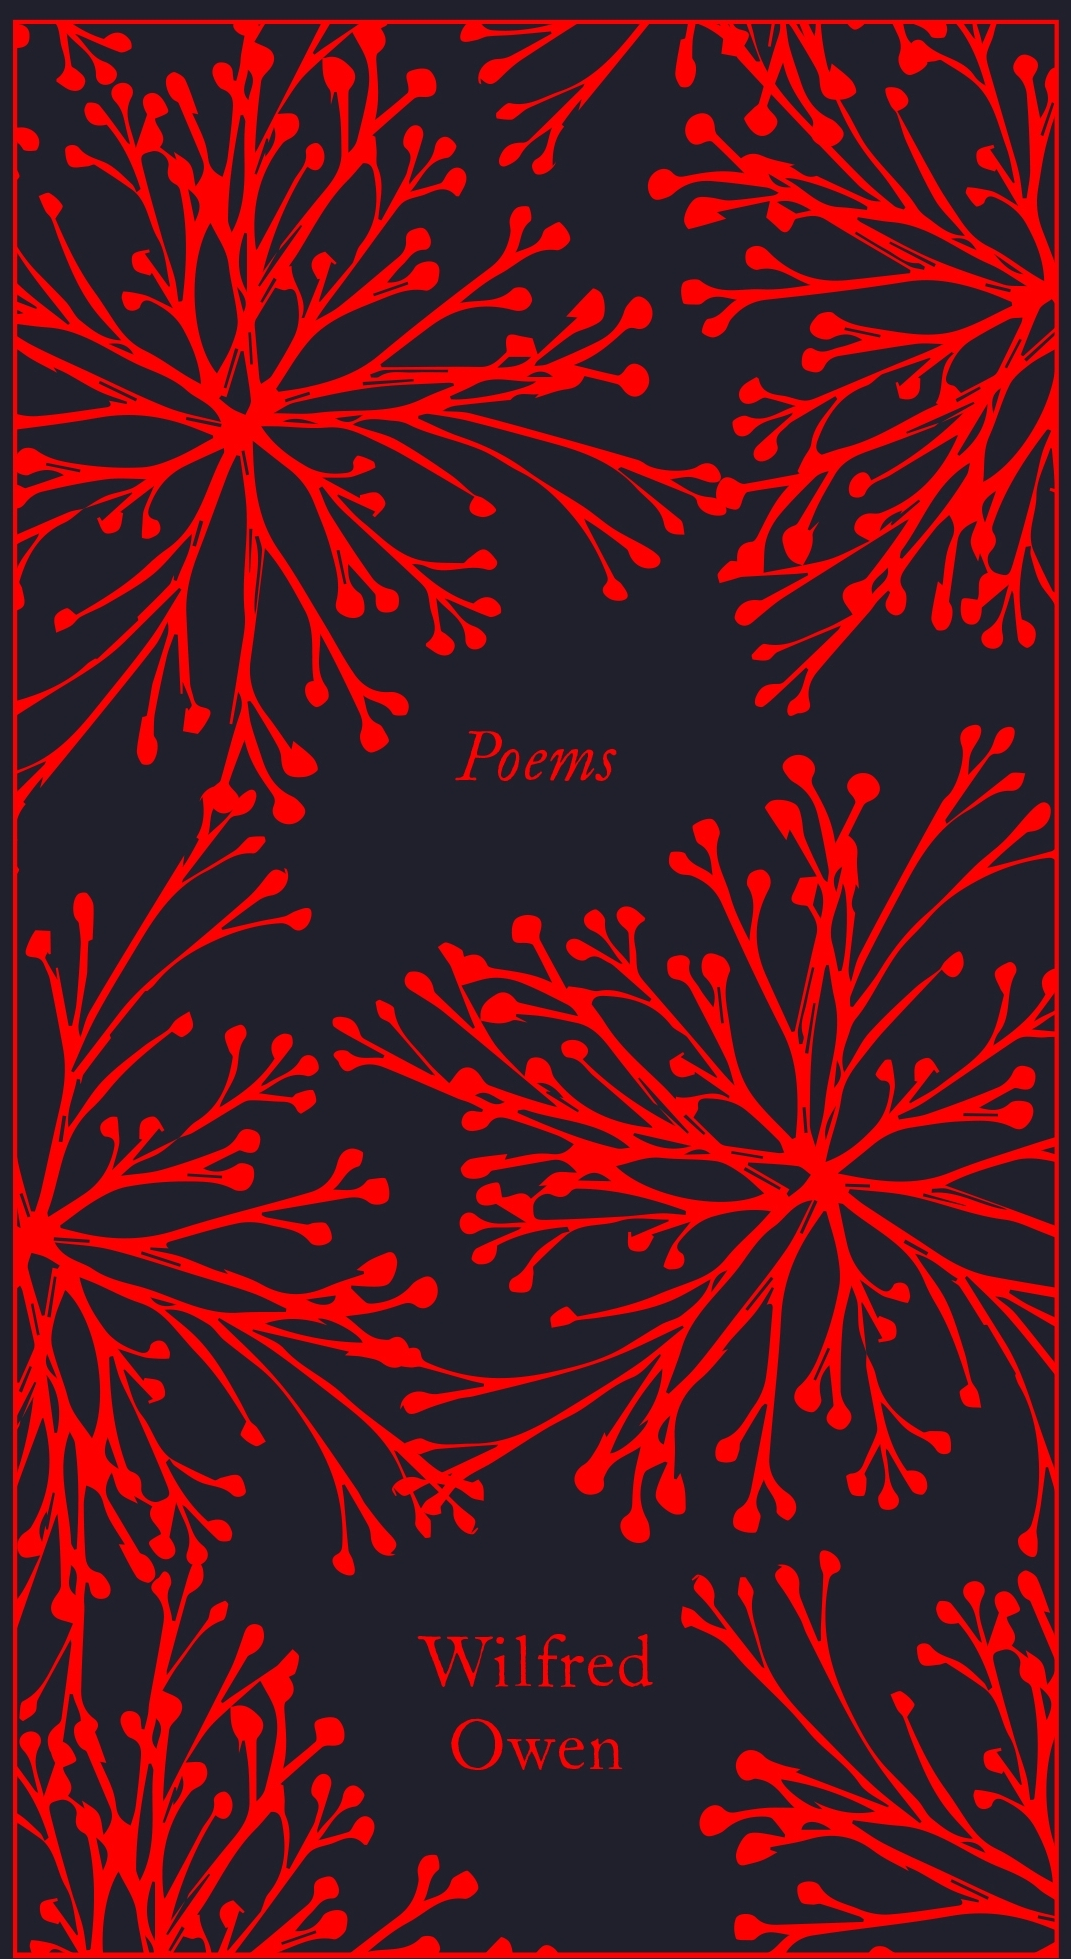 Poems - Wilfred Owen